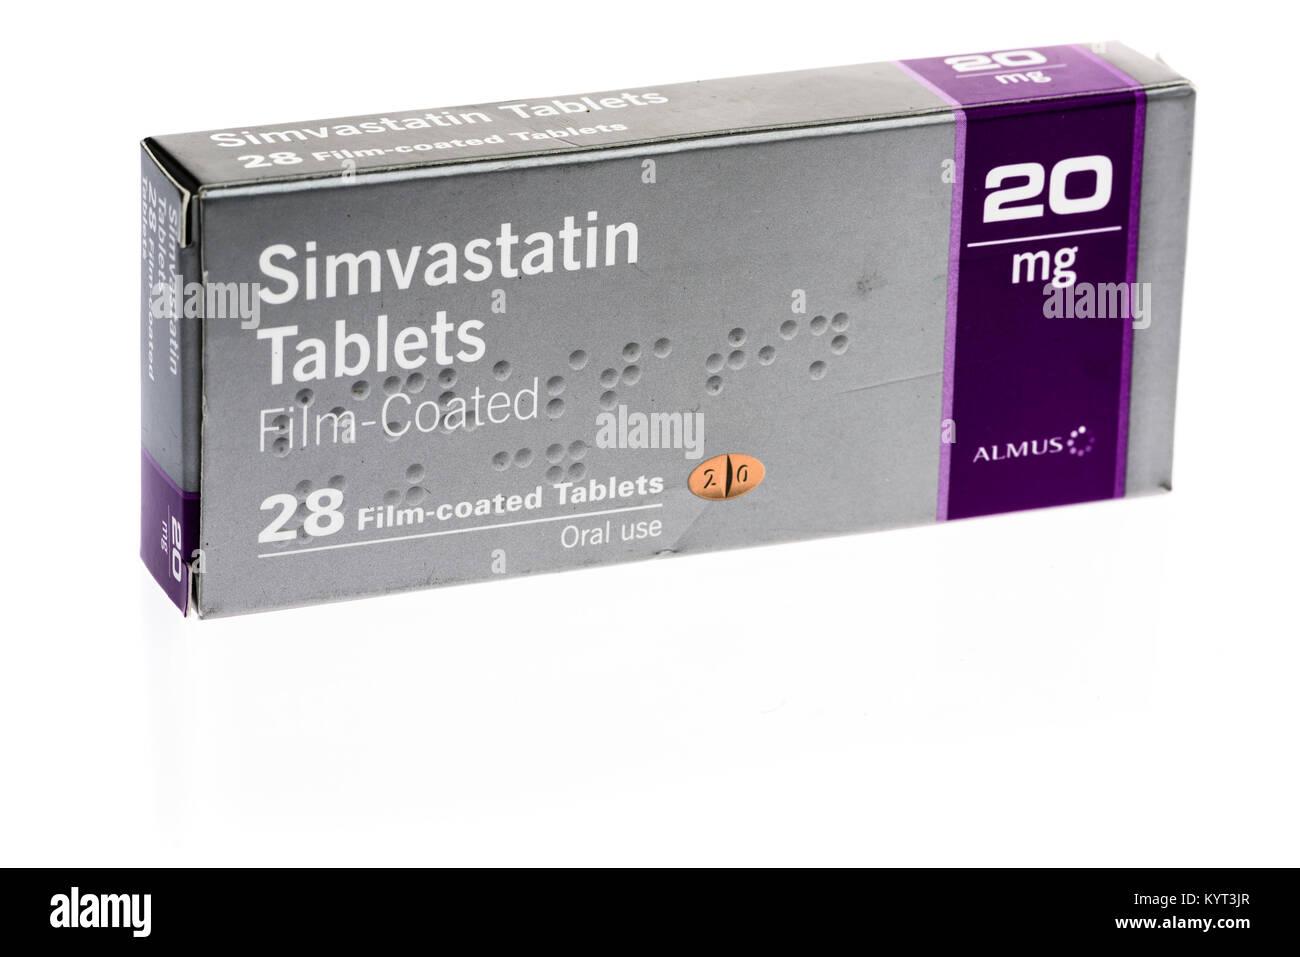 Simvastatin Tabletten statin zur Senkung von Cholesterin im Blut und die Gefahr der Herzkrankheit. Stockbild